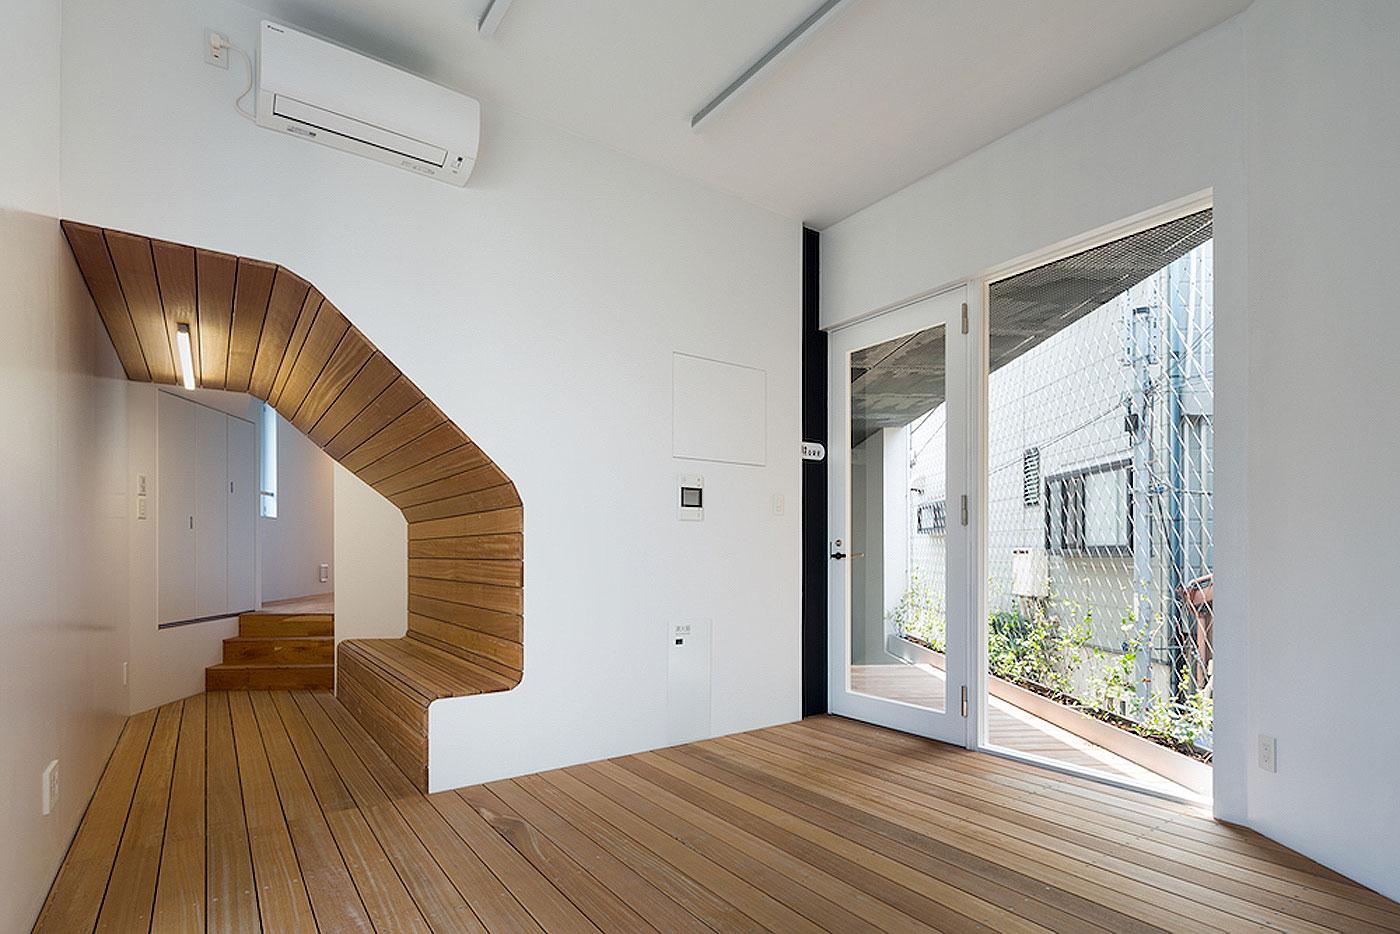 apartamentos-kitasenzoku-tomoyuki-kurokawa (5)